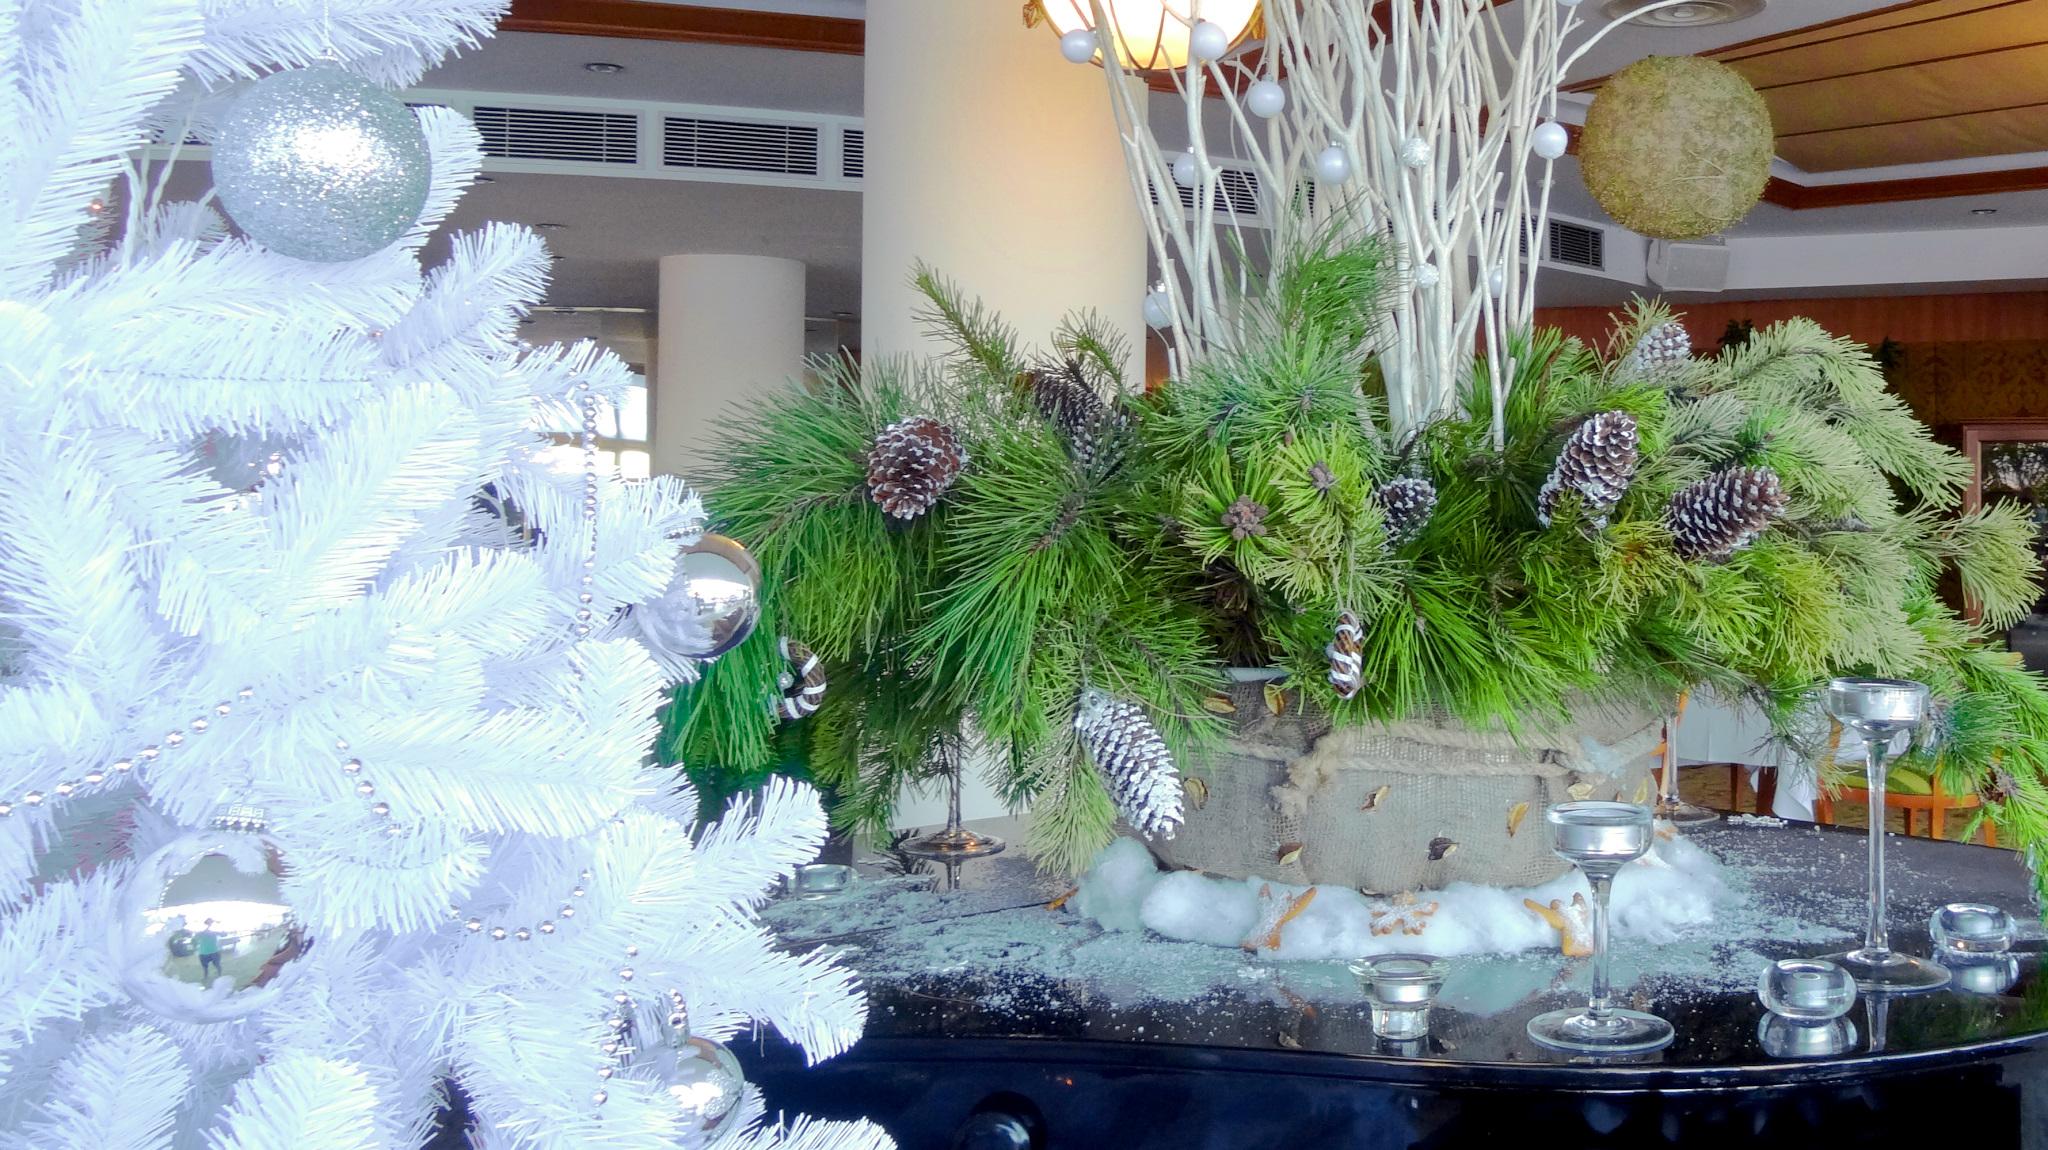 święta boże narodzenie dekoracje świąteczne christmasdeco christmasmood angellovesdreams